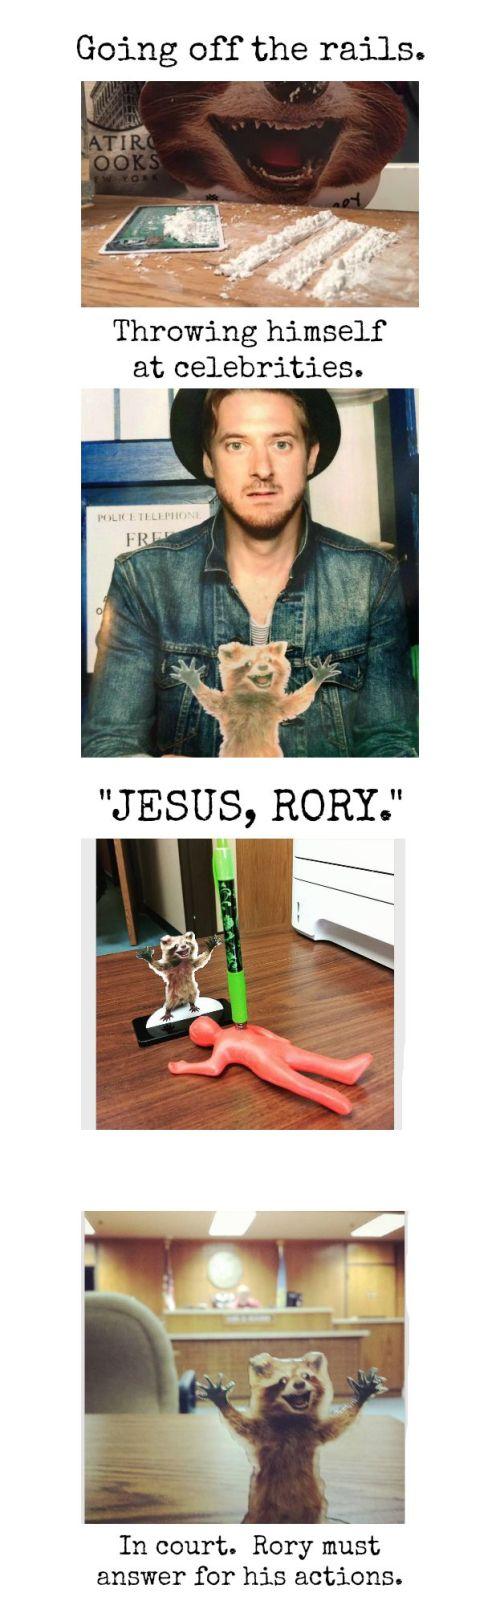 roryinsanity2